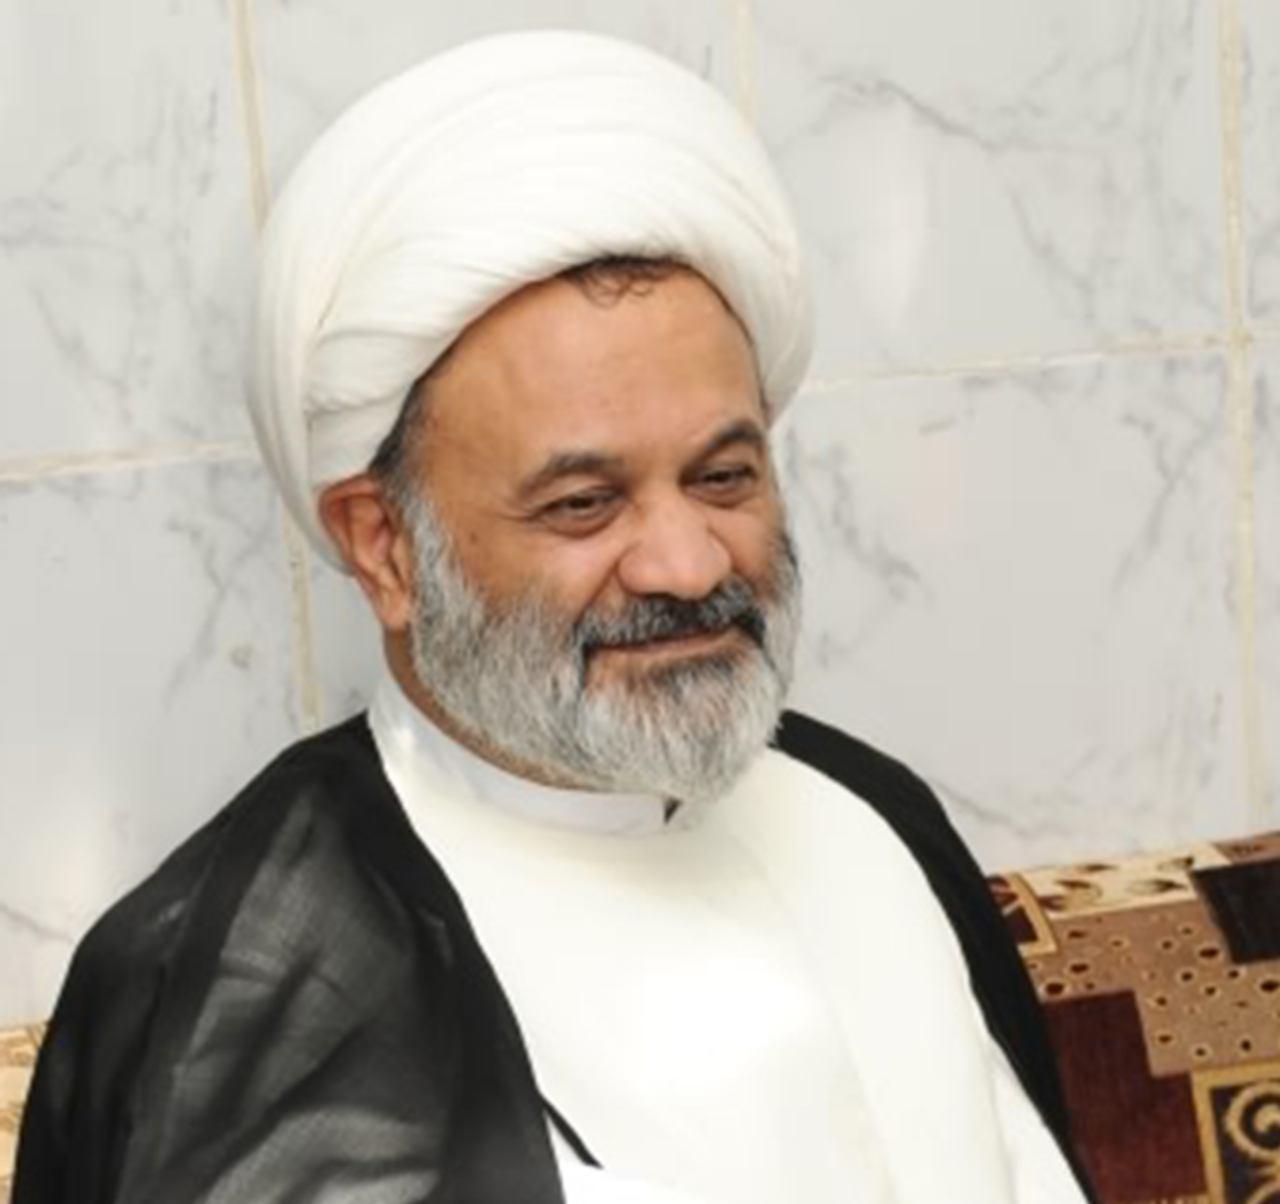 صورة في رده على مهرجان الازهر ضد الشيعة : ممثل مؤسسة الامام الشيرازي العالمية يؤكد ان الفكر الشيعي لا يمكن هزيمته بالمهرجانات